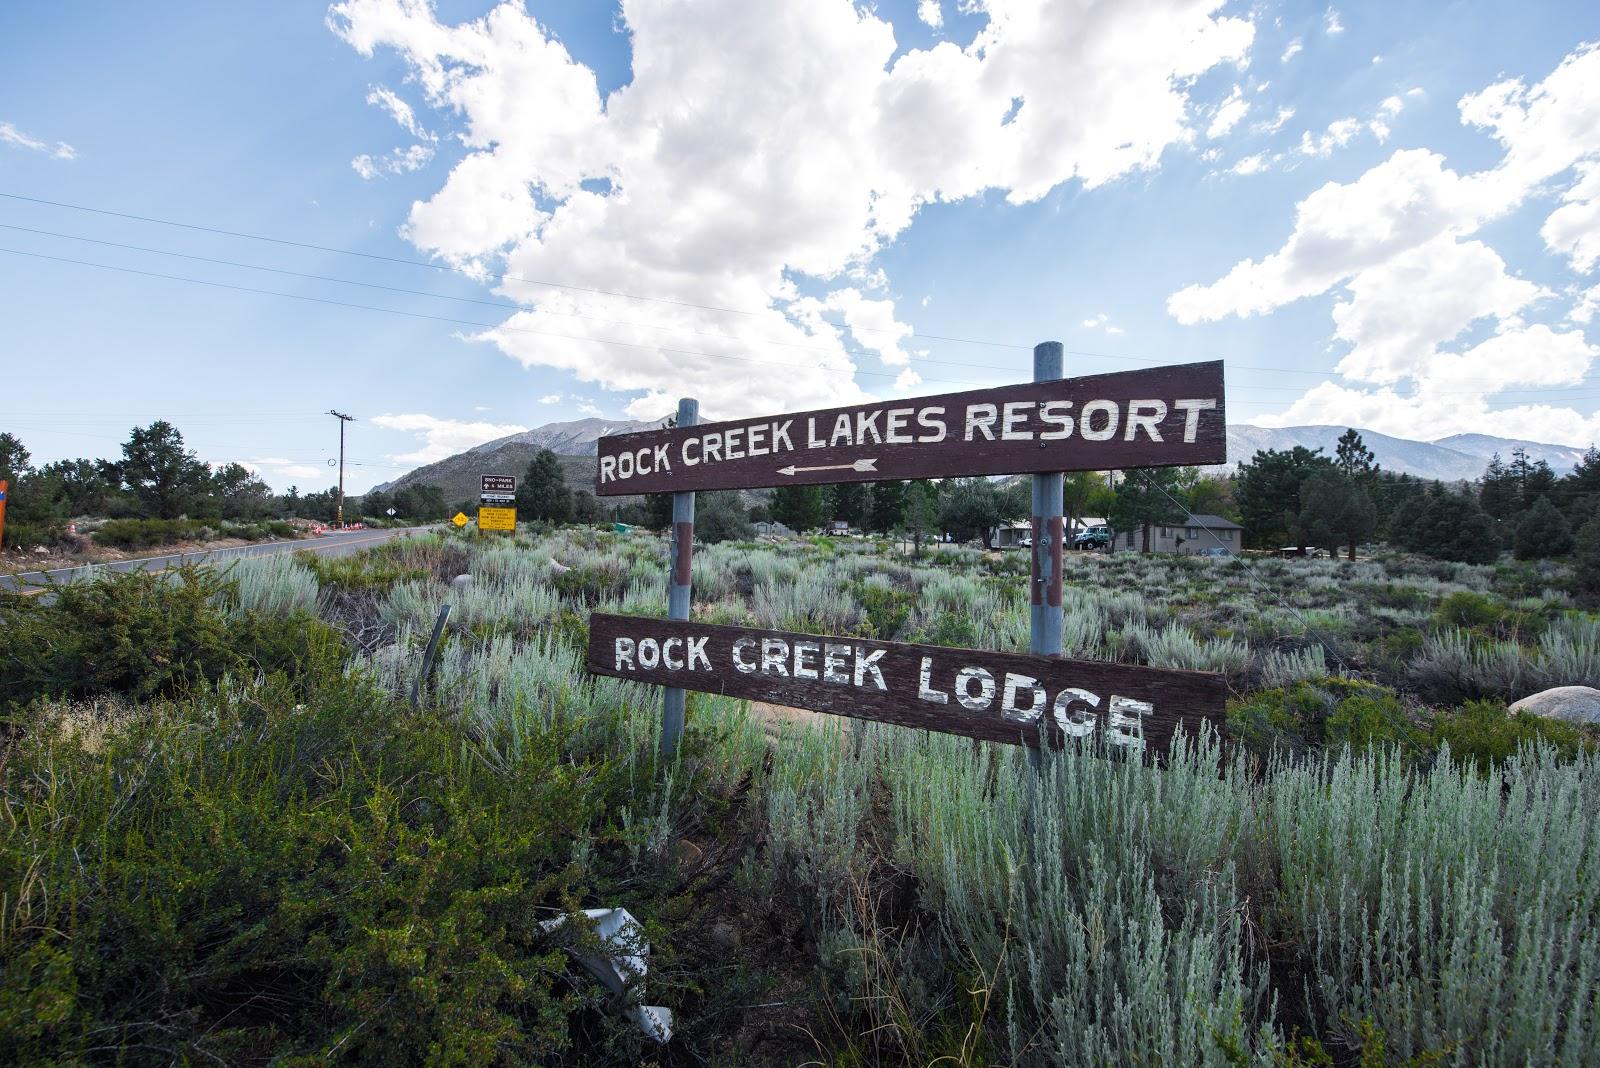 Rock Creek Road bike climb - Rock Creek Lodge and Rock Creek Lakes Resort sign